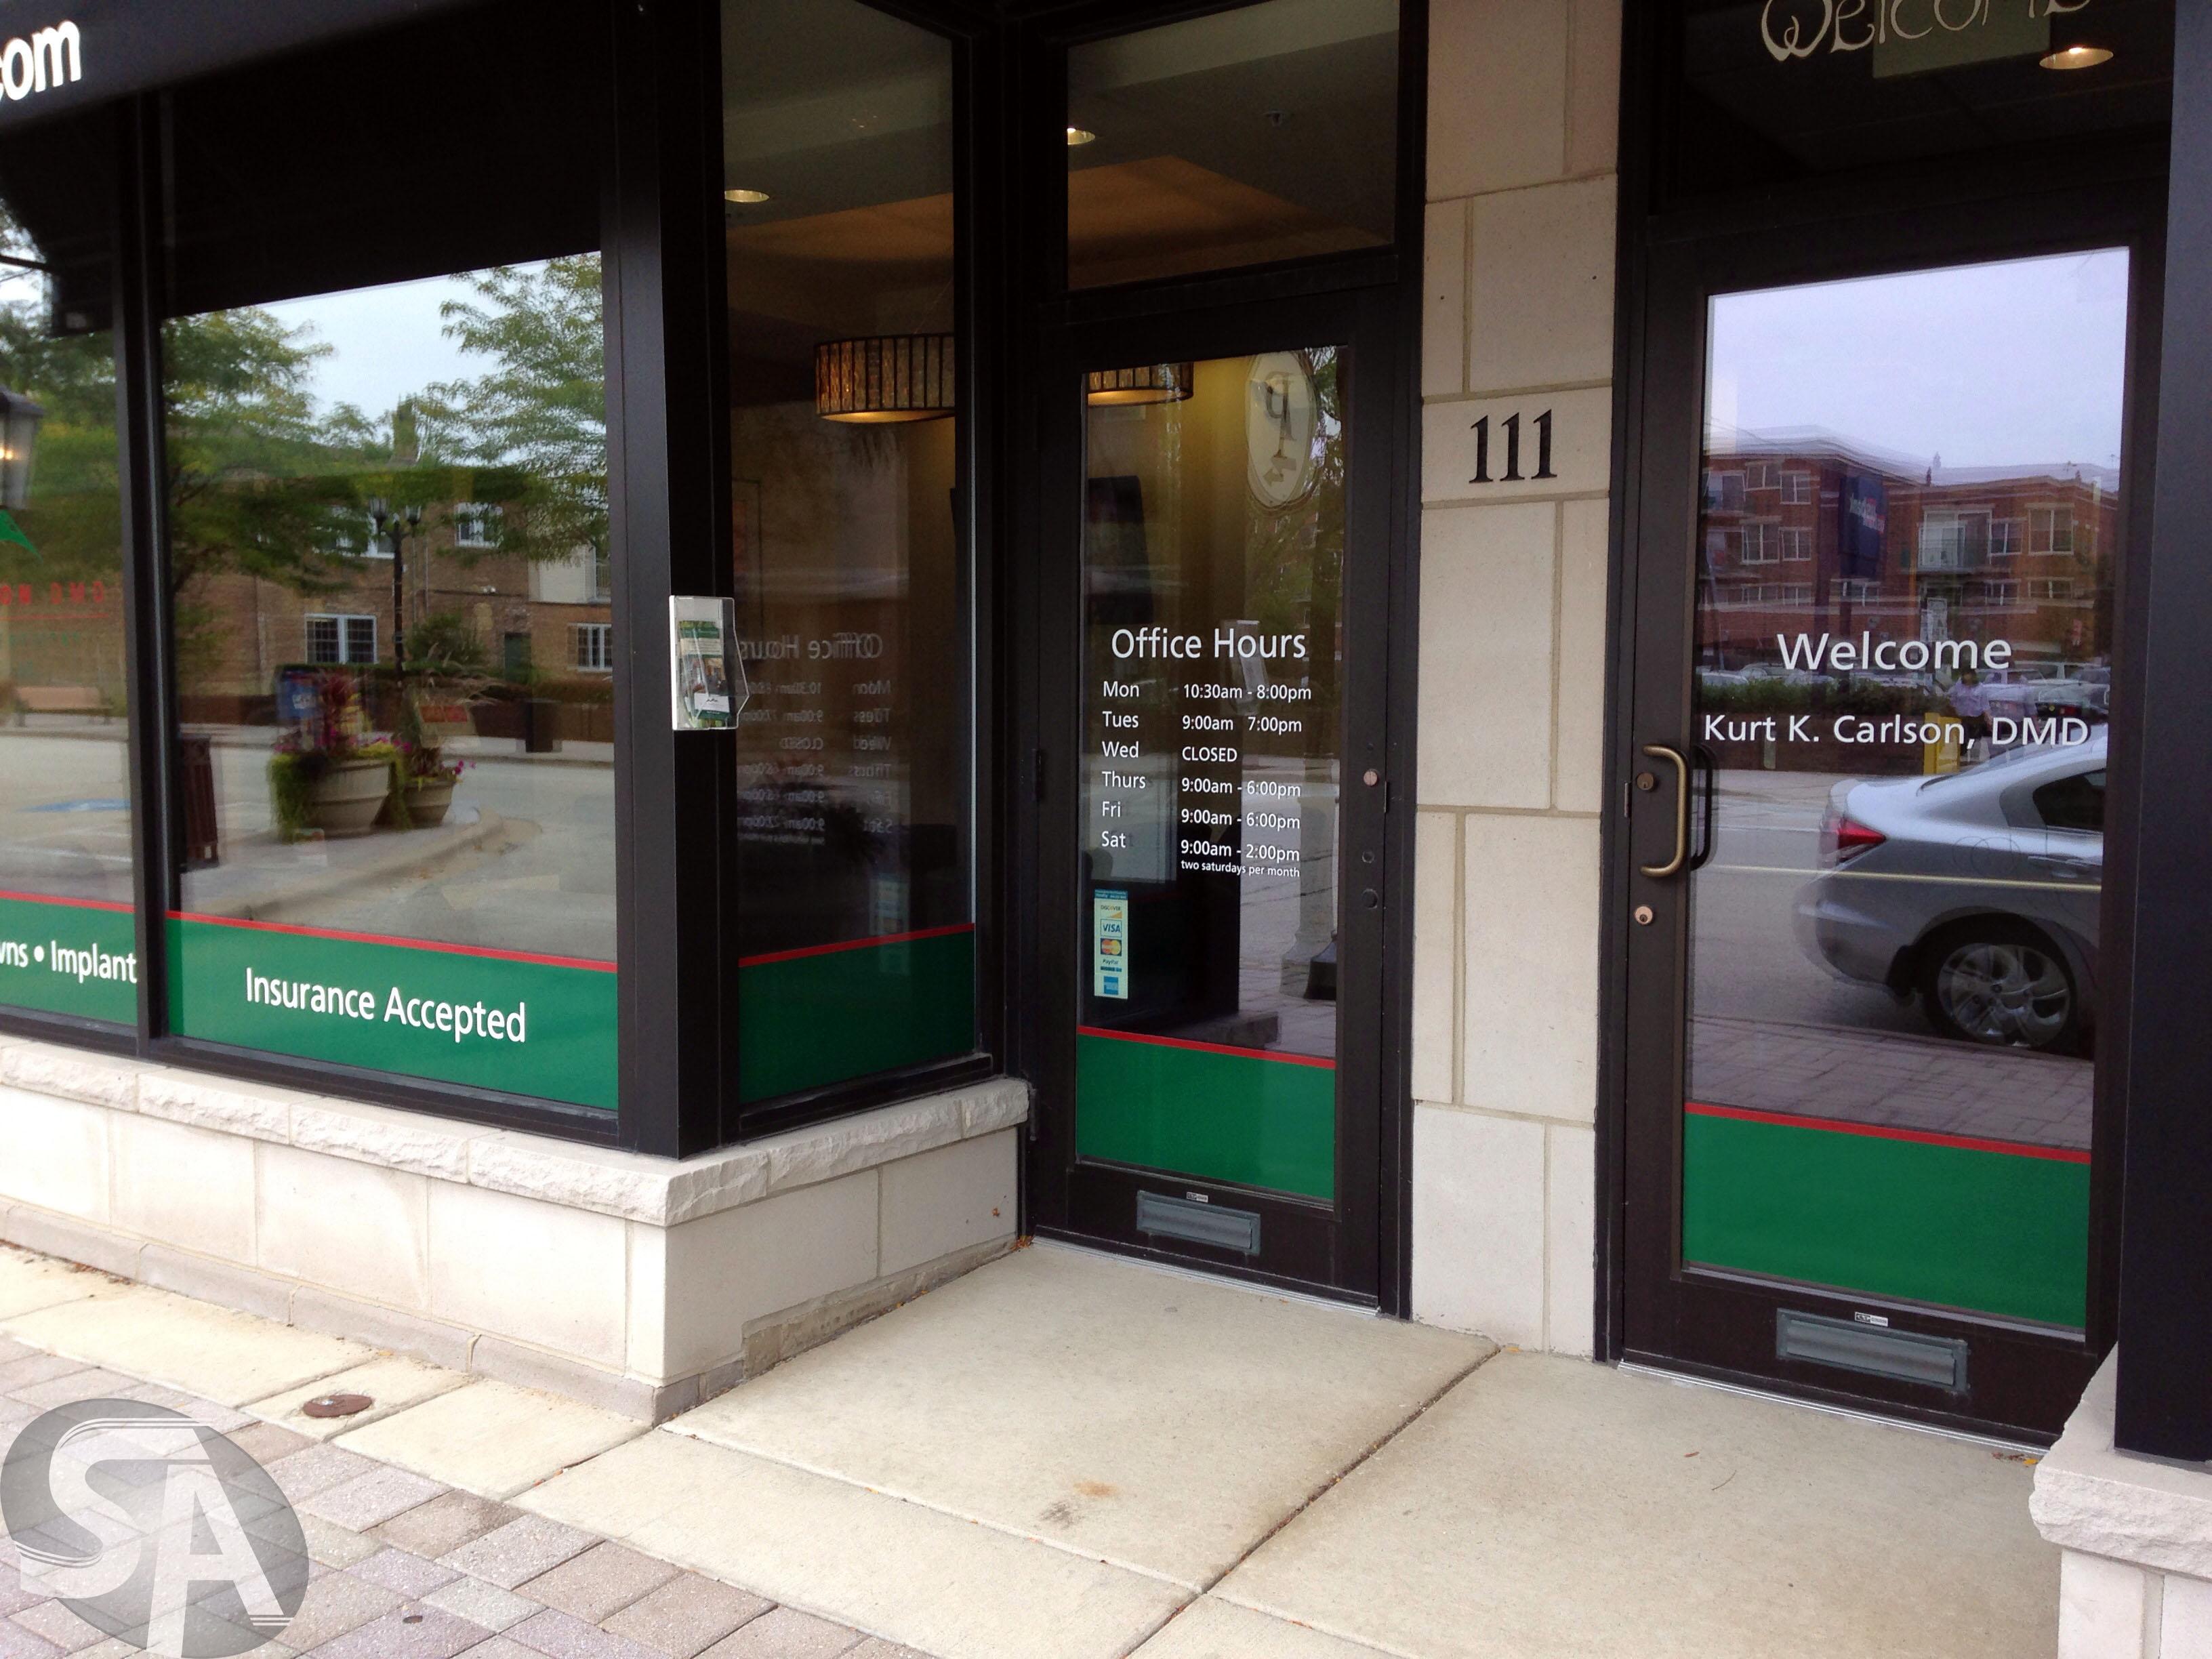 Vinyl Window Clings For Dental Office In Elmhurst IL For Kurt K - Window decals for dental office